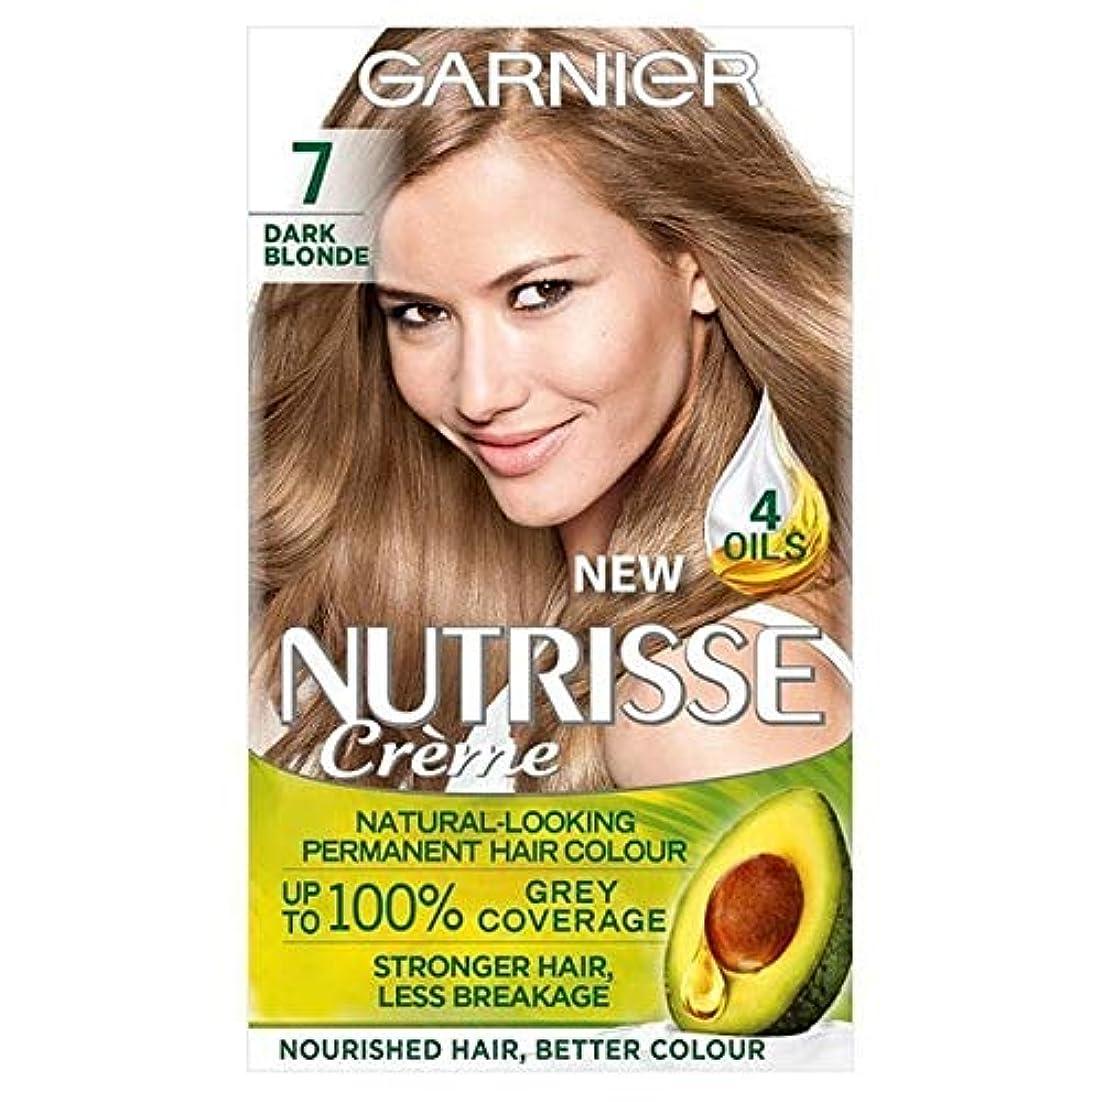 アプローチ陰気警察[Garnier ] ガルニエNutrisse永久染毛剤ダークブロンド7 - Garnier Nutrisse Permanent Hair Dye Dark Blonde 7 [並行輸入品]